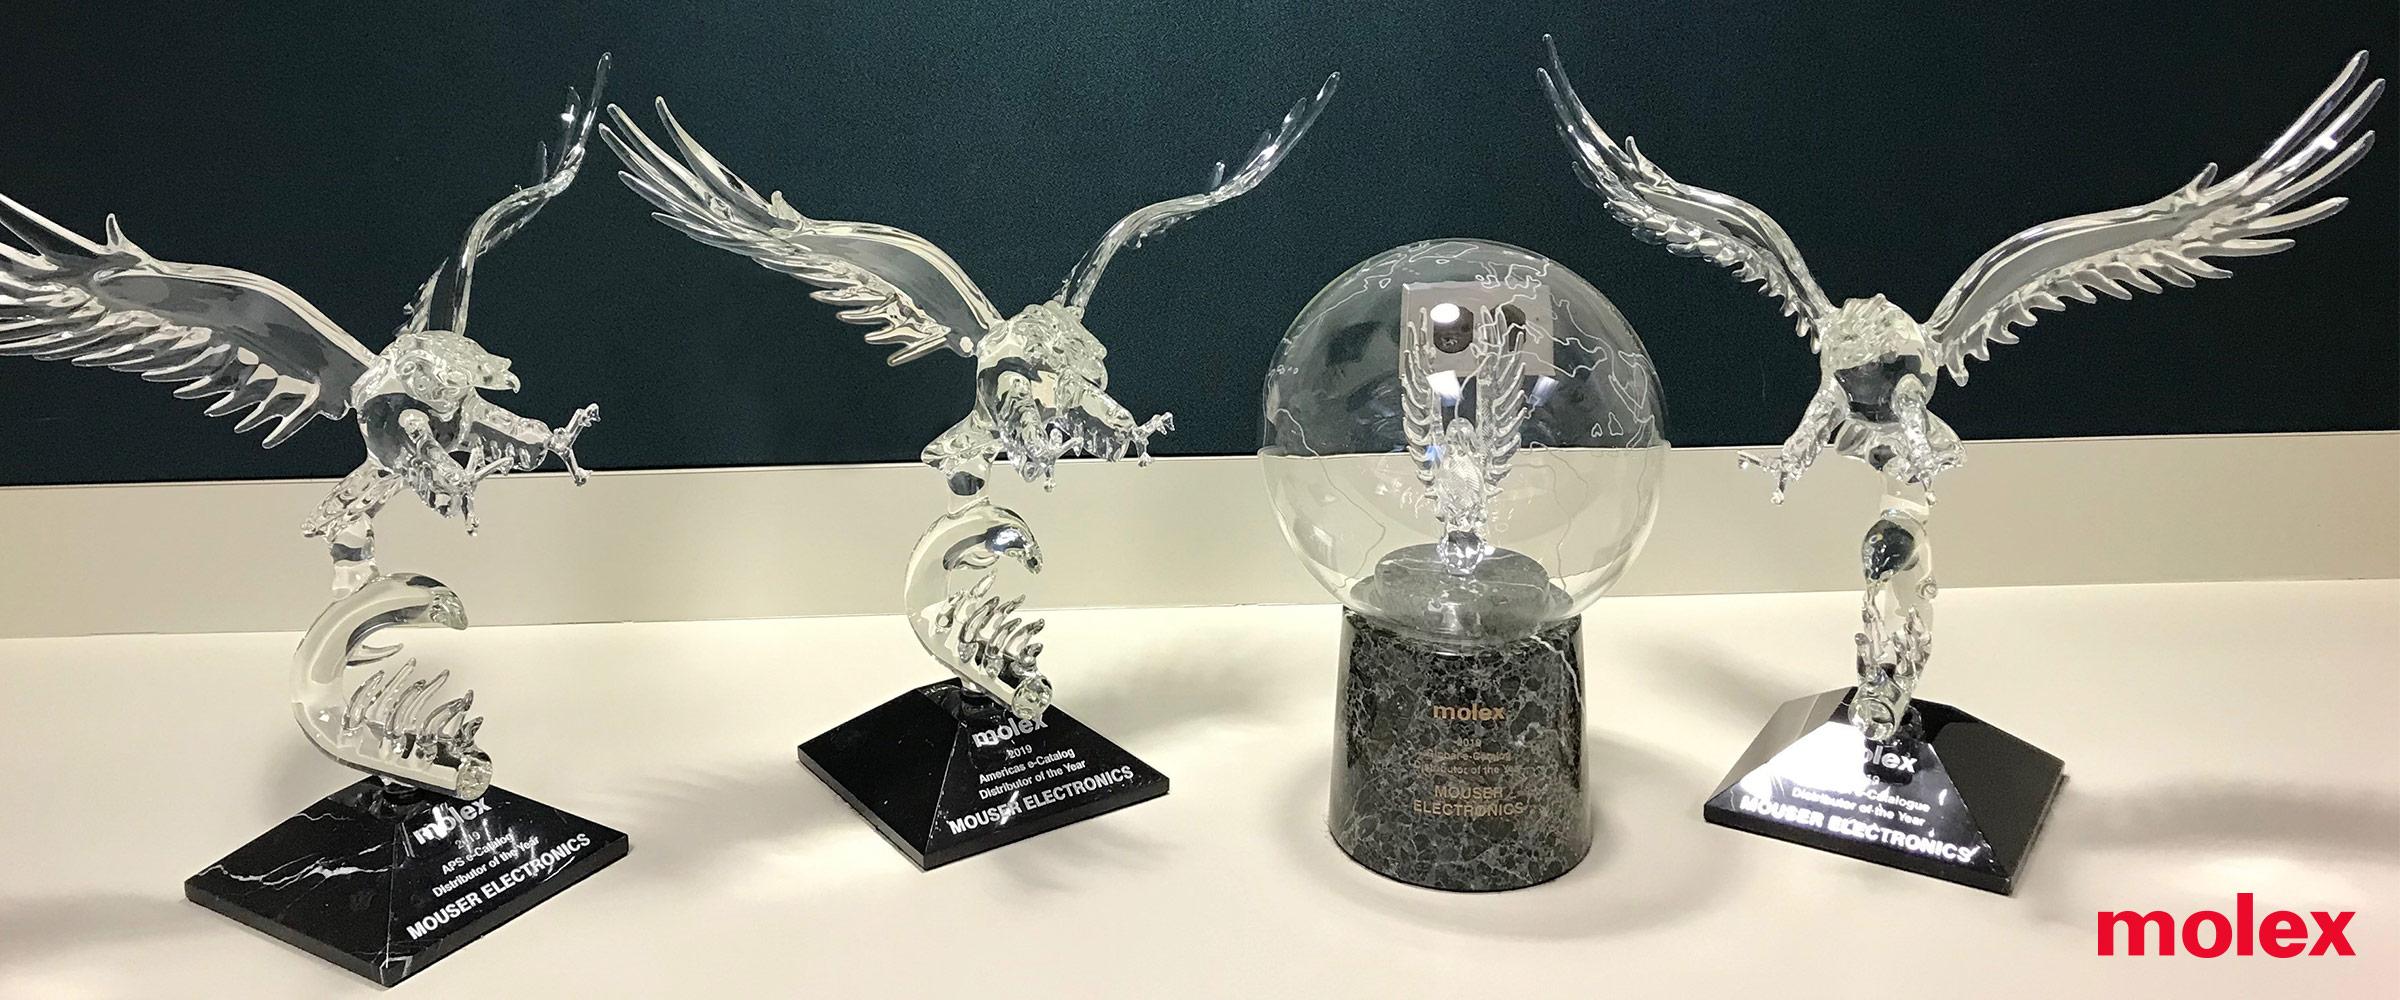 贸泽电子连续第二年荣获Molex亚太区年度电子目录分销商奖